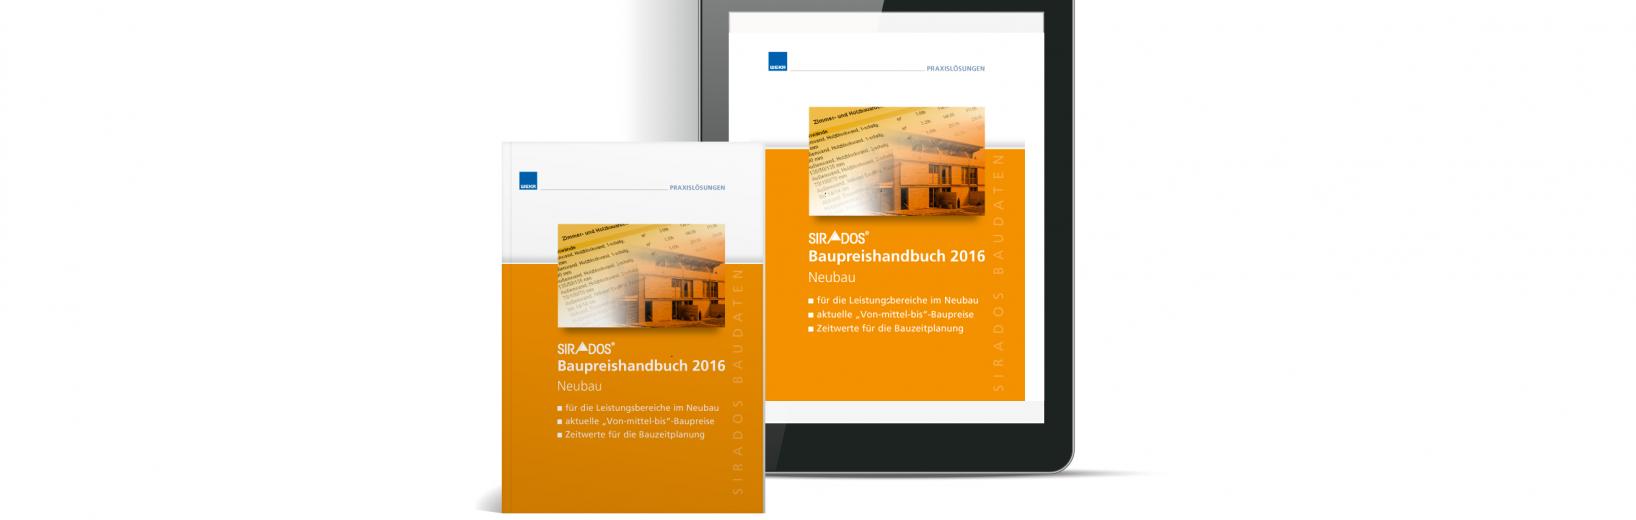 Baupreishandbuch Neubau